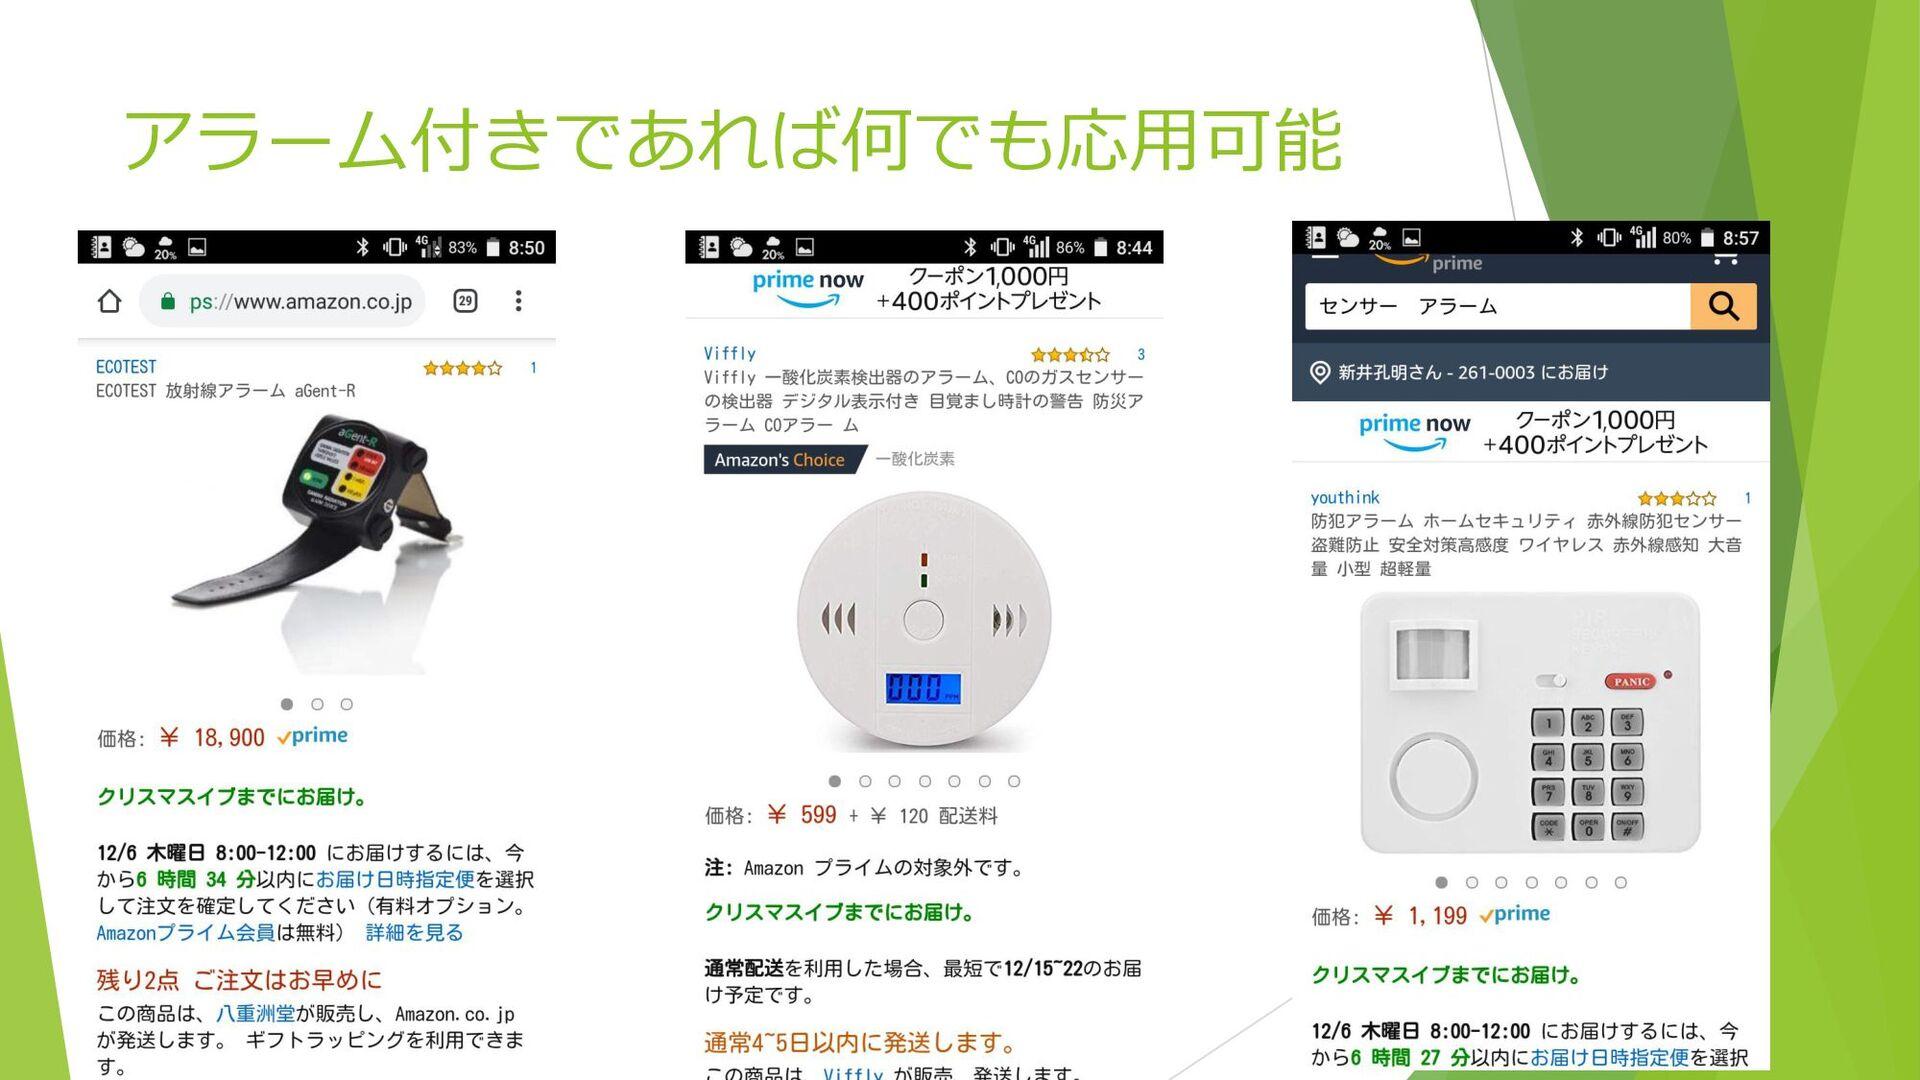 応用で緊急地震速報トリガーの開発 →視覚障害者向けにLED/パトライトで通知